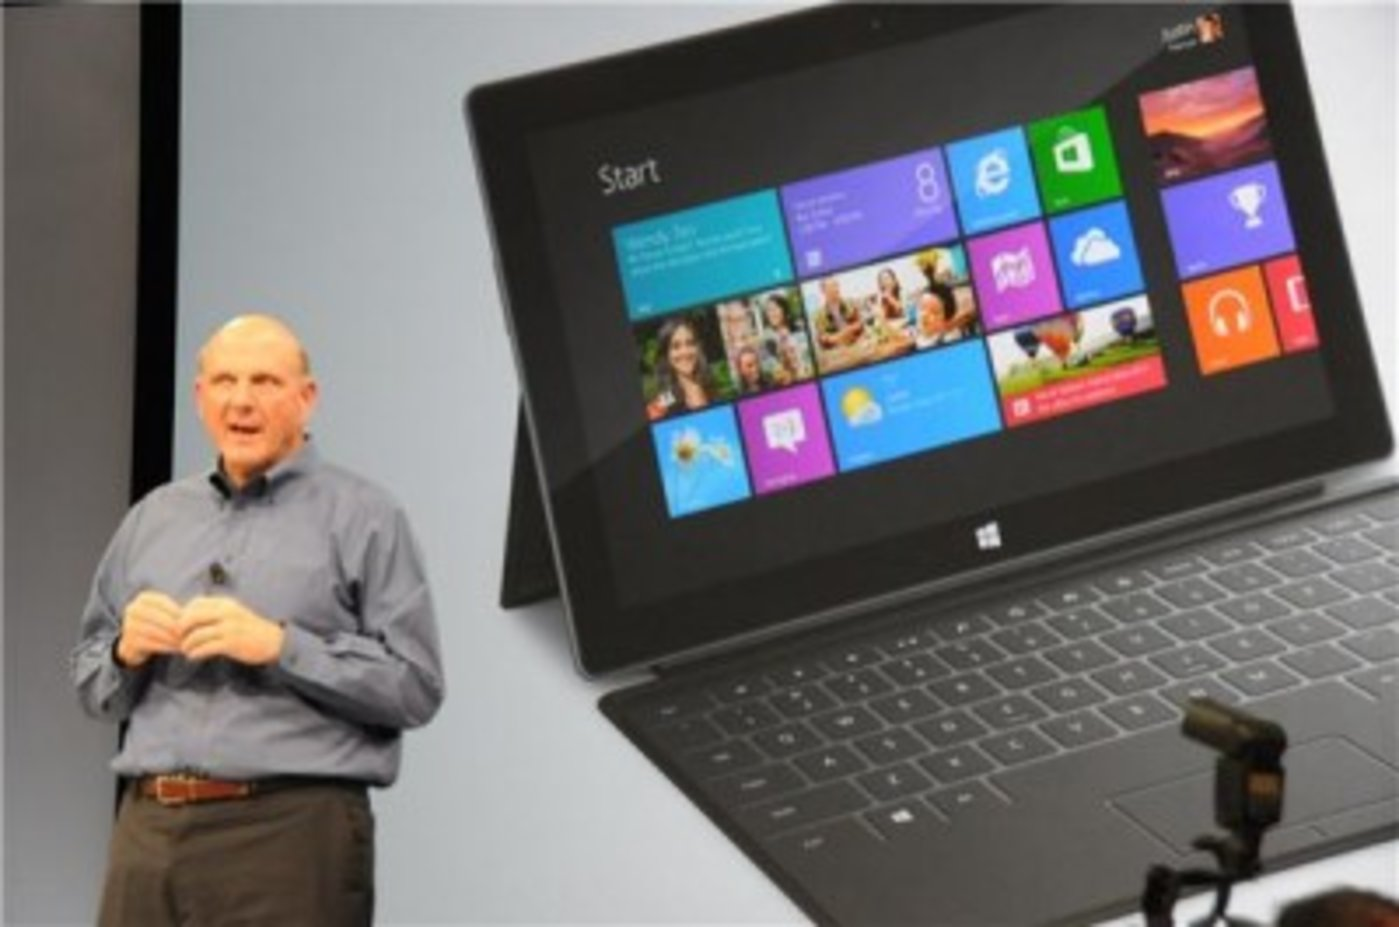 完善用户体验才是Windows8平板的出路